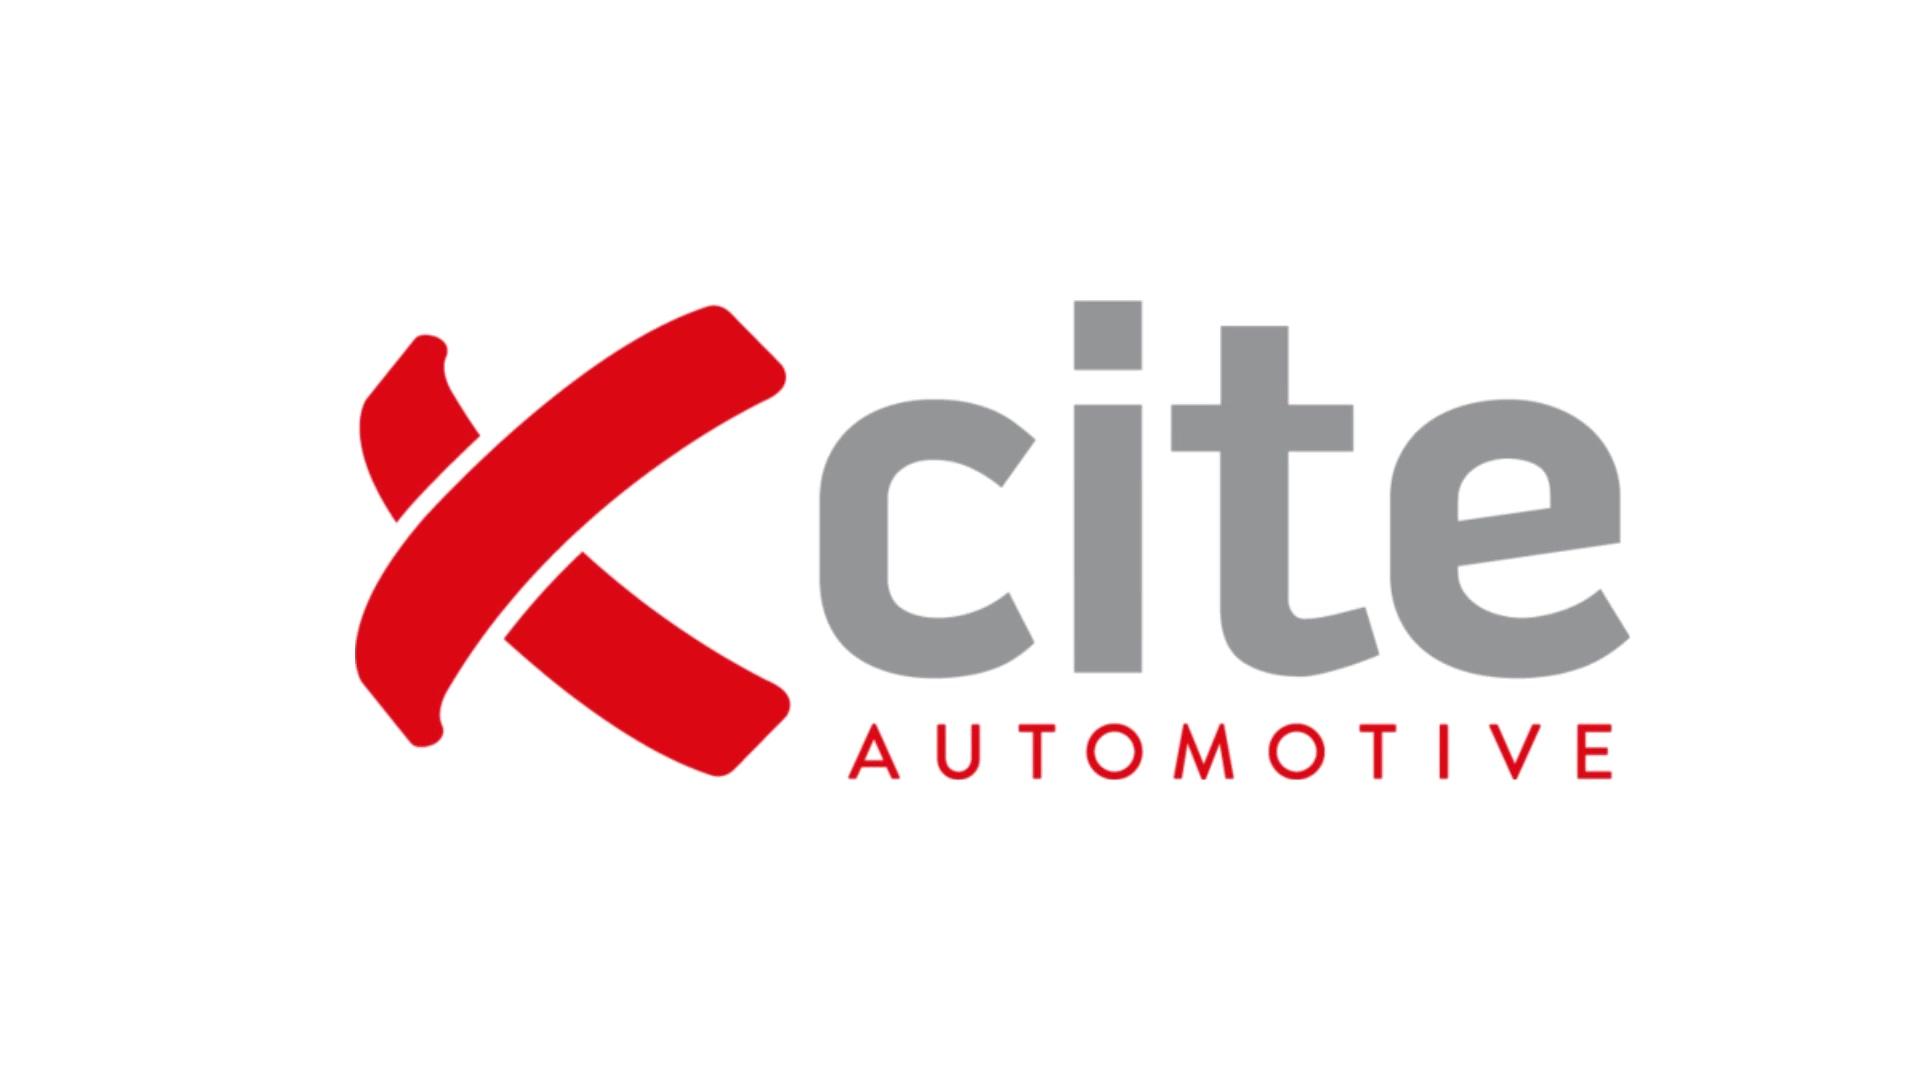 Xcite Automotive Spotlight Video-1